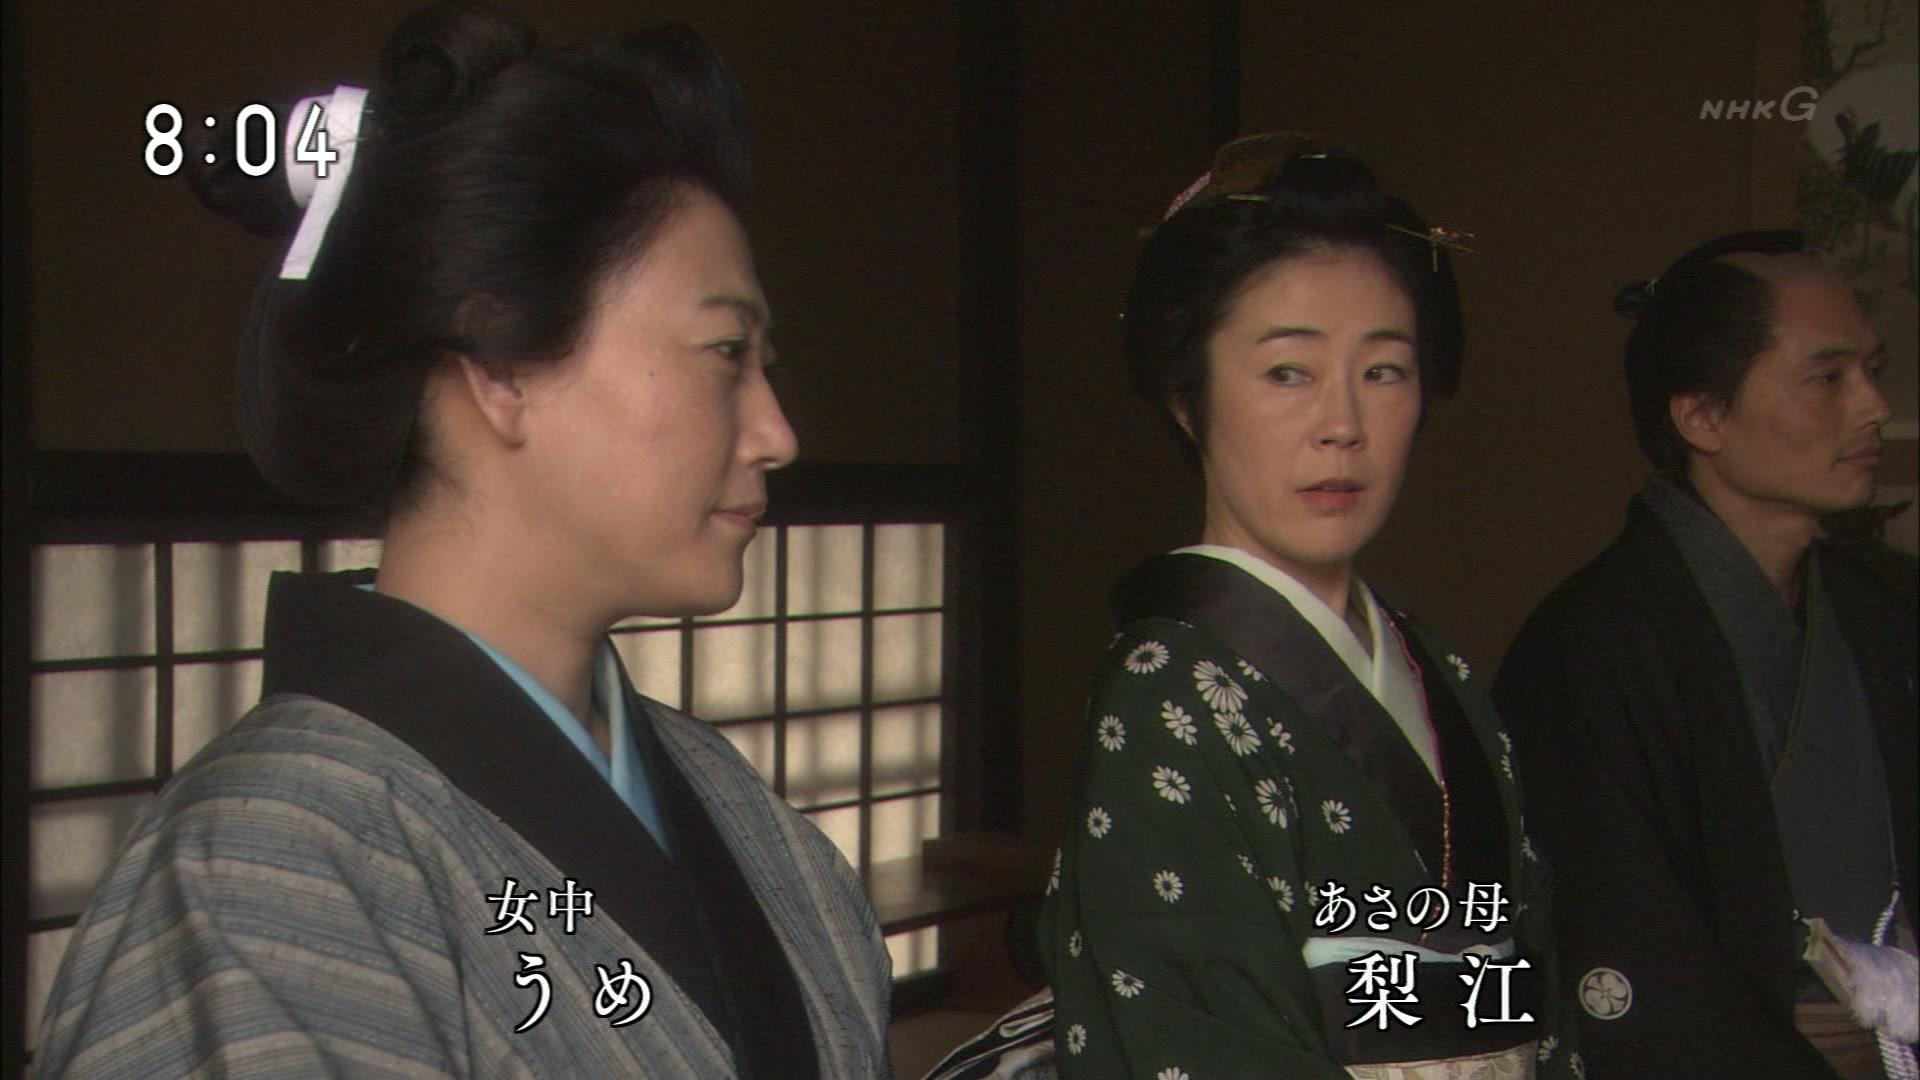 2015-09-28 08:00 連続テレビ小説 あさが来た(1)「小さな許嫁(いいなずけ)」 08380